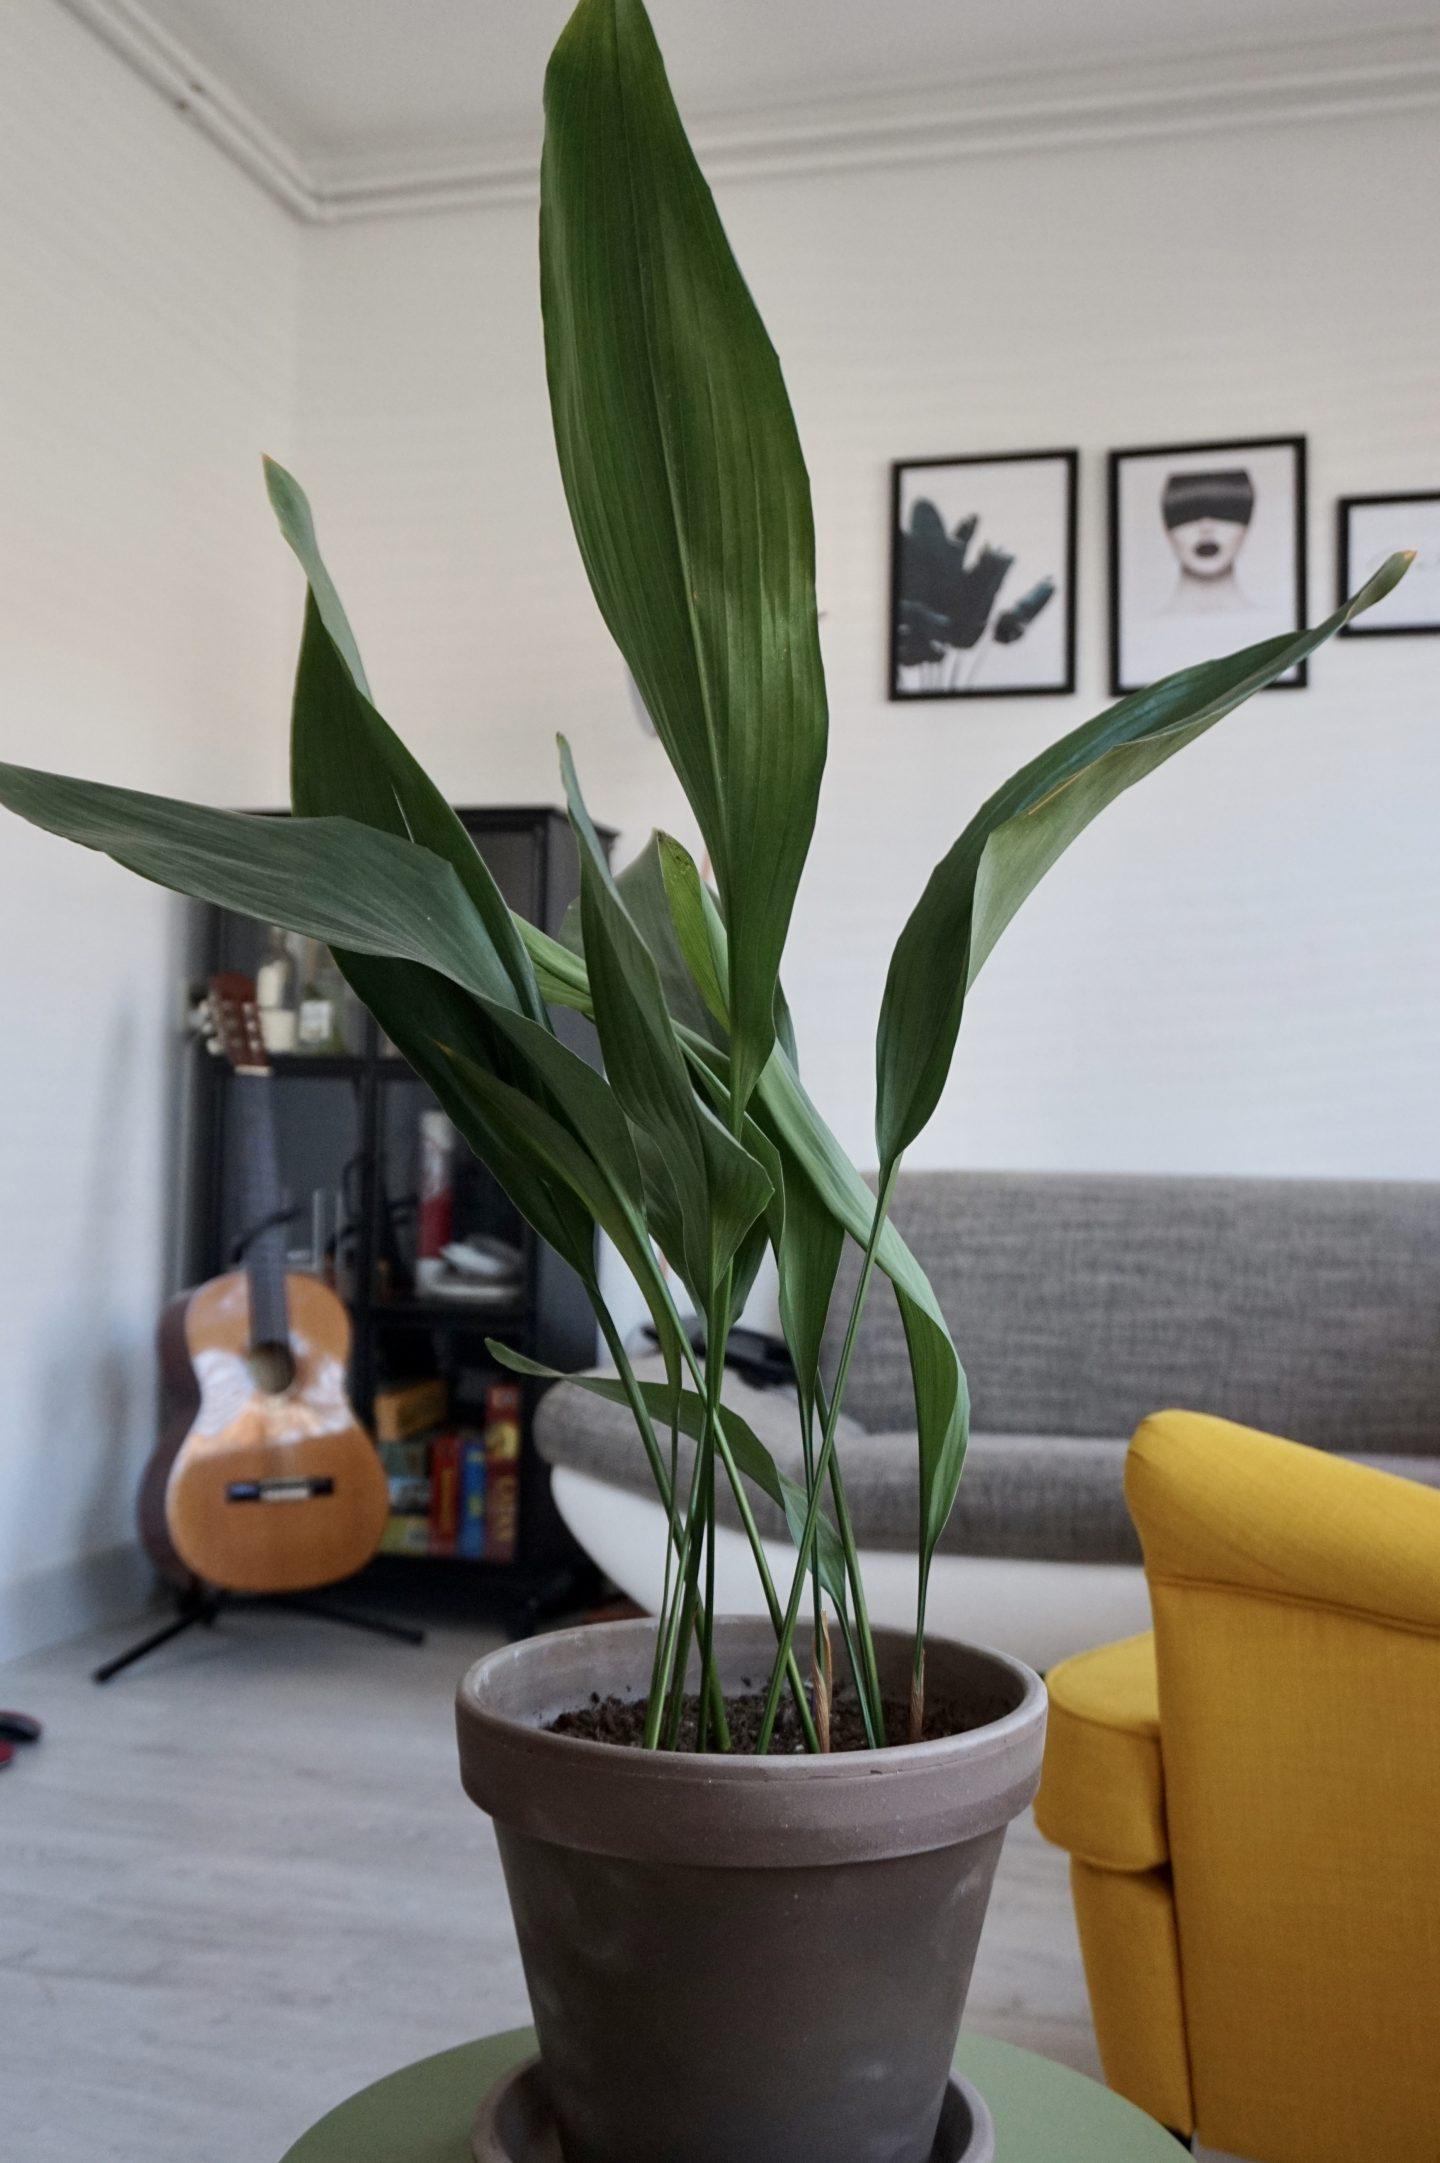 Luchtzuiverende planten Greenlifeshop 1440x2163 - Waarom luchtzuiverende planten goed zijn voor je gezondheid